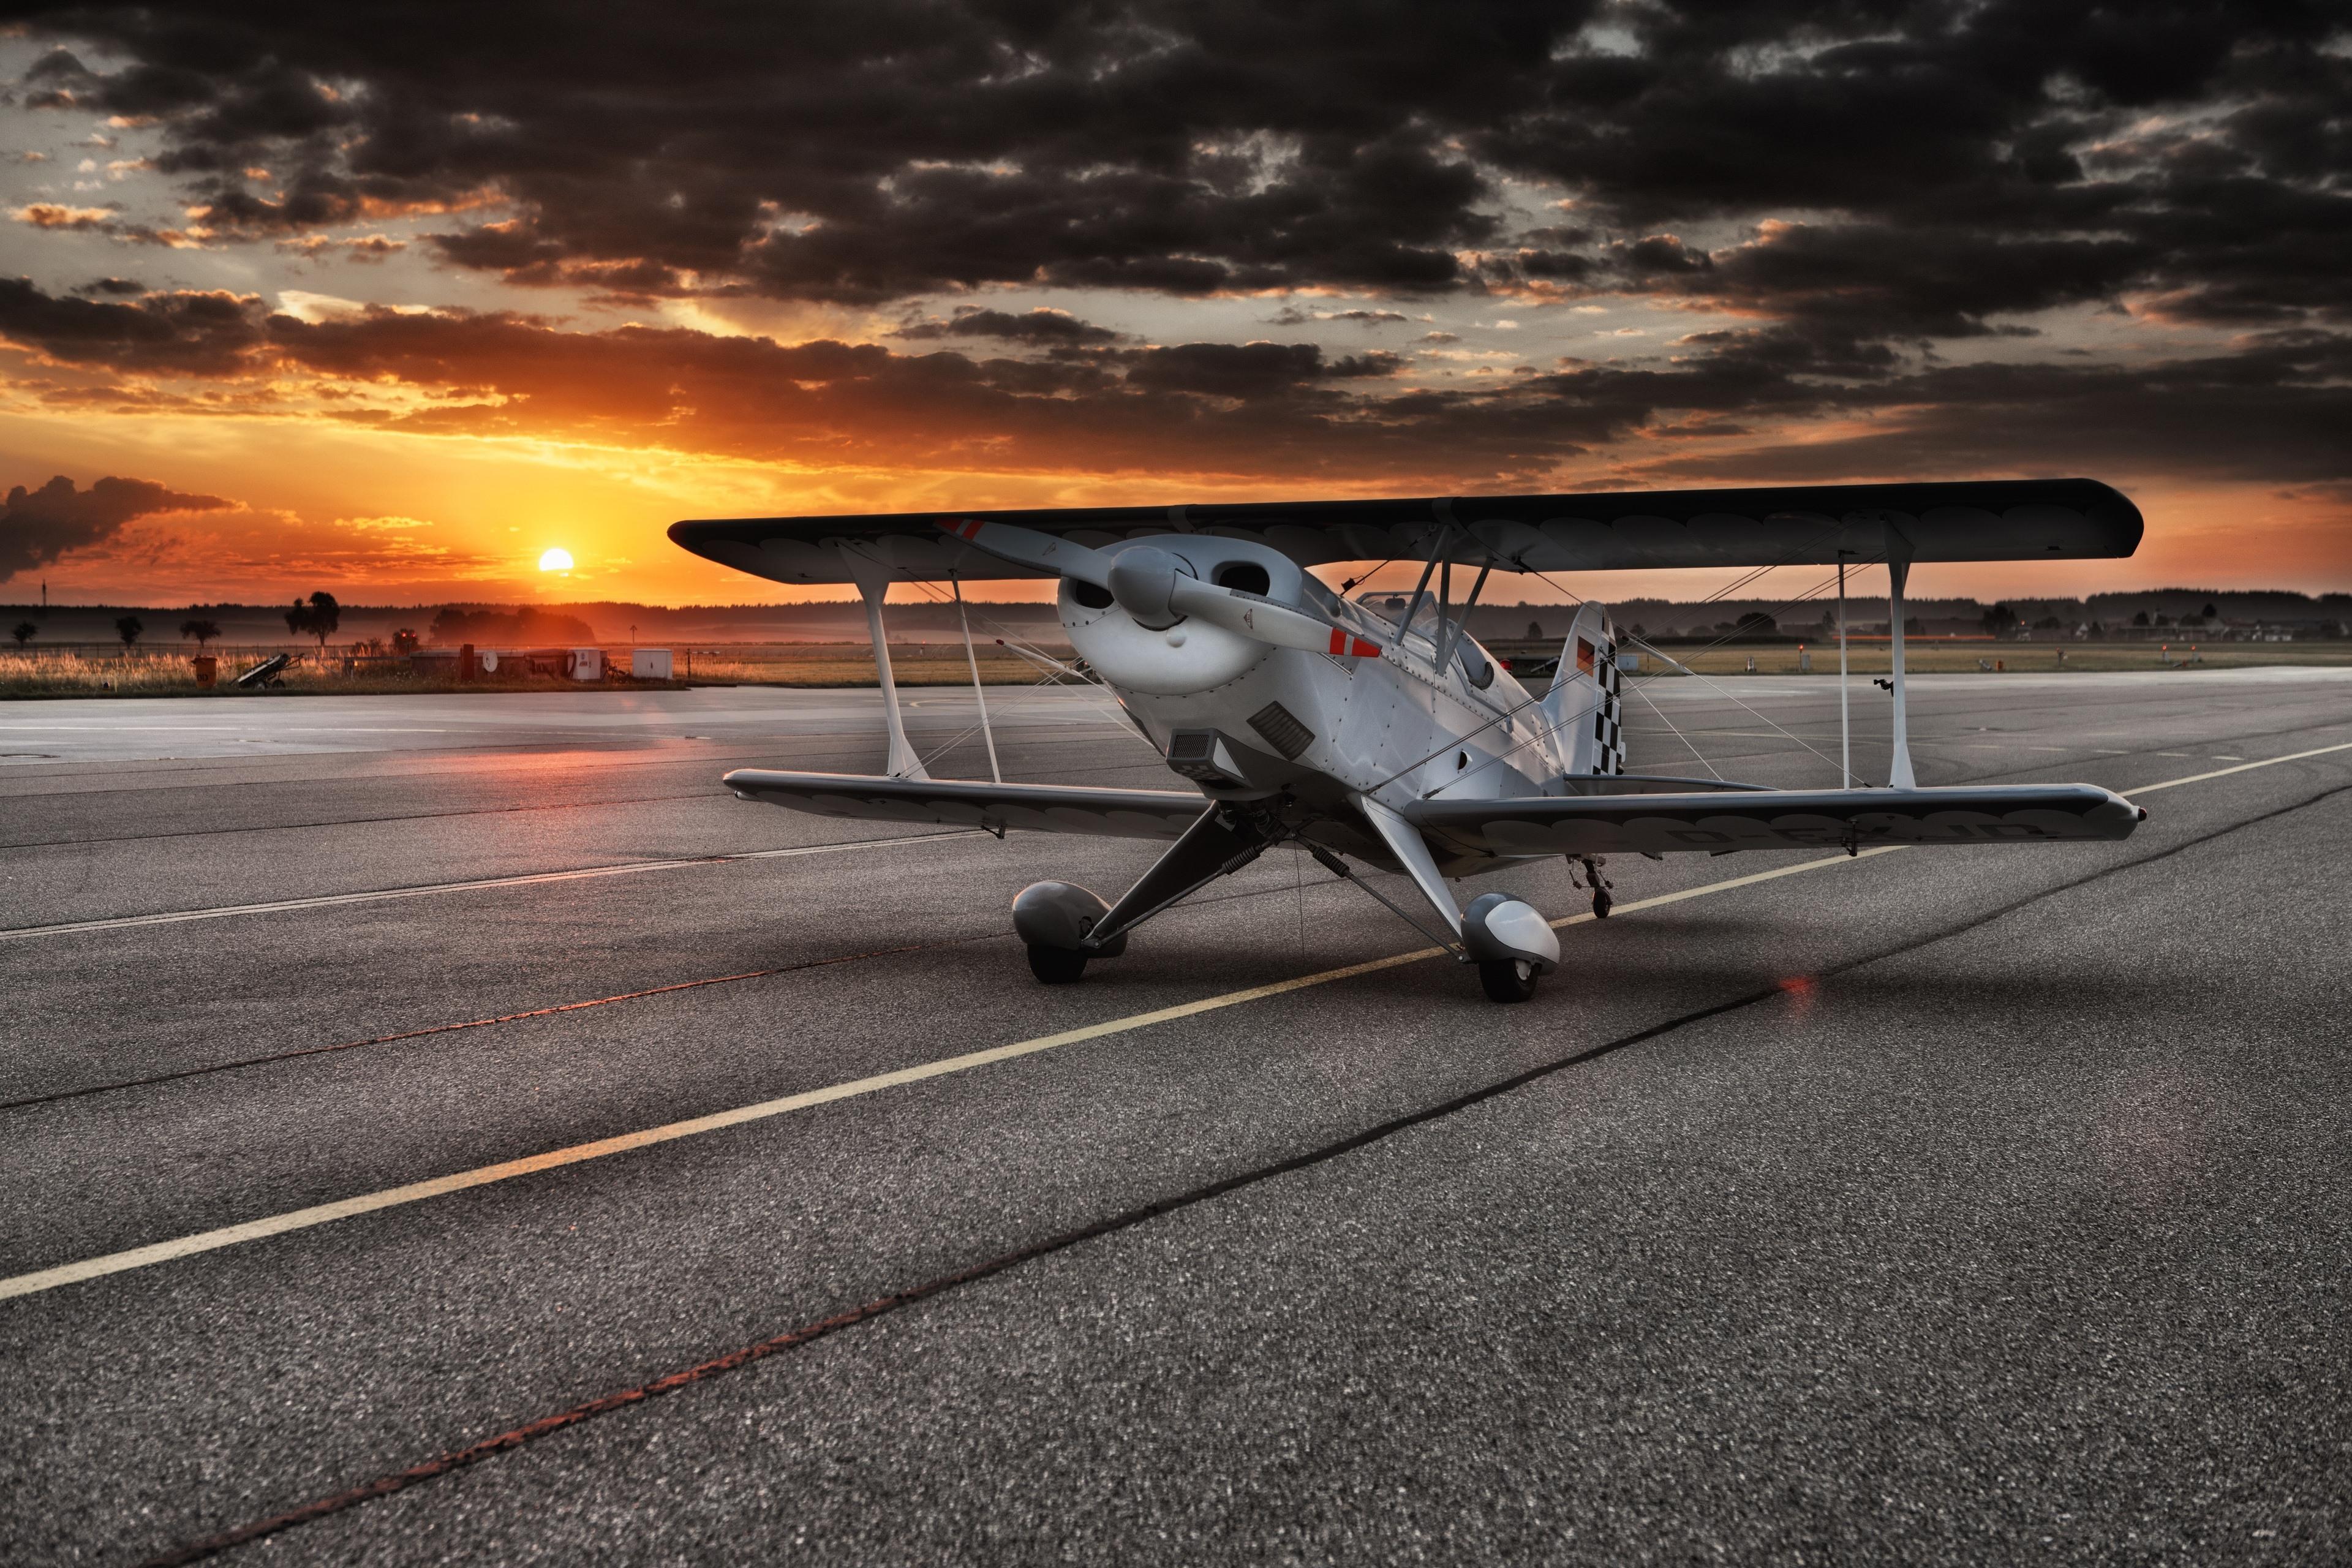 aircraft-547105.jpg